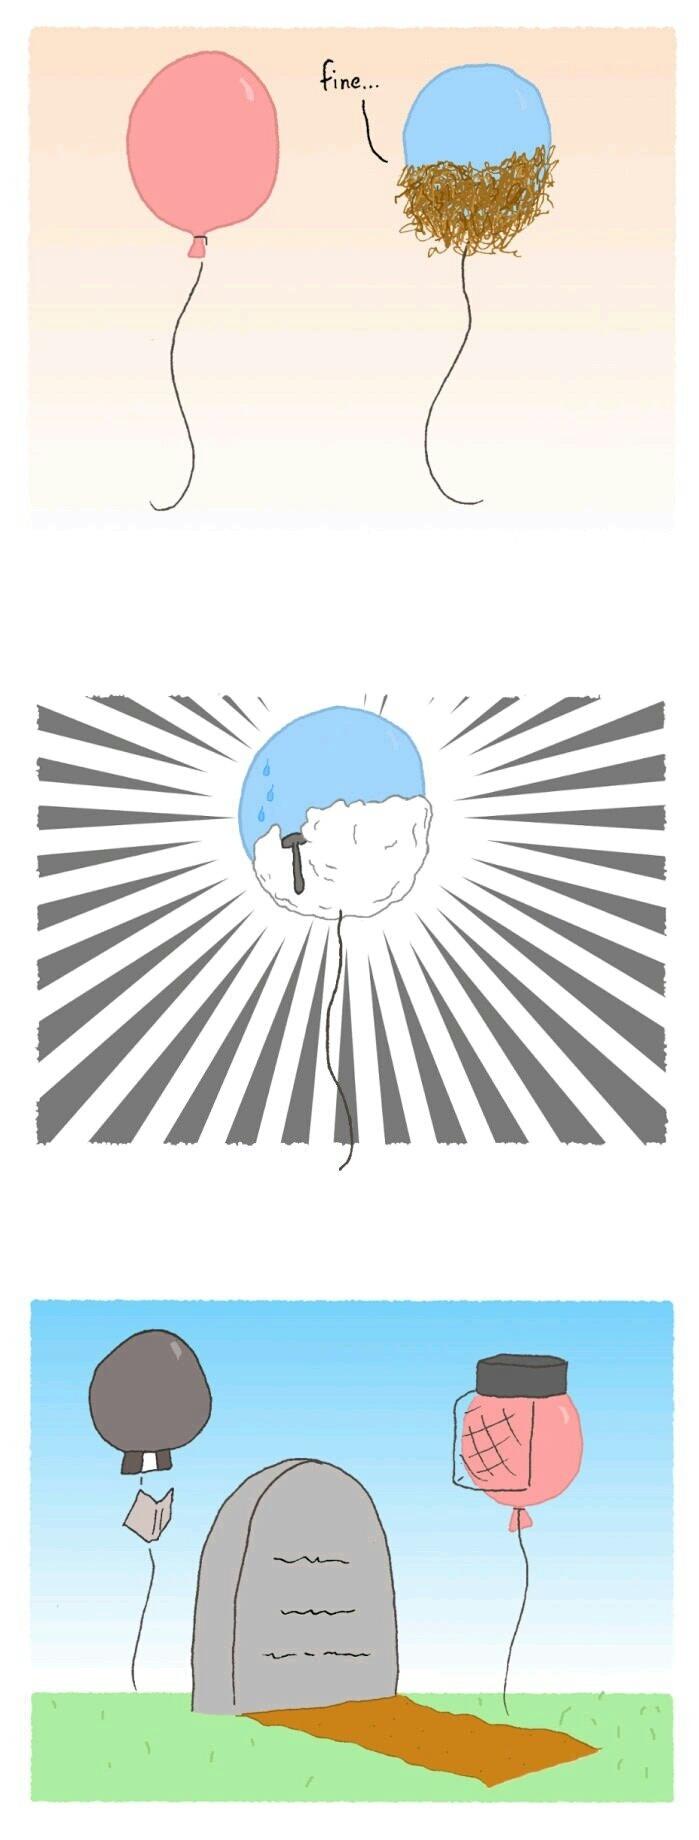 R.I.P Ballon - meme